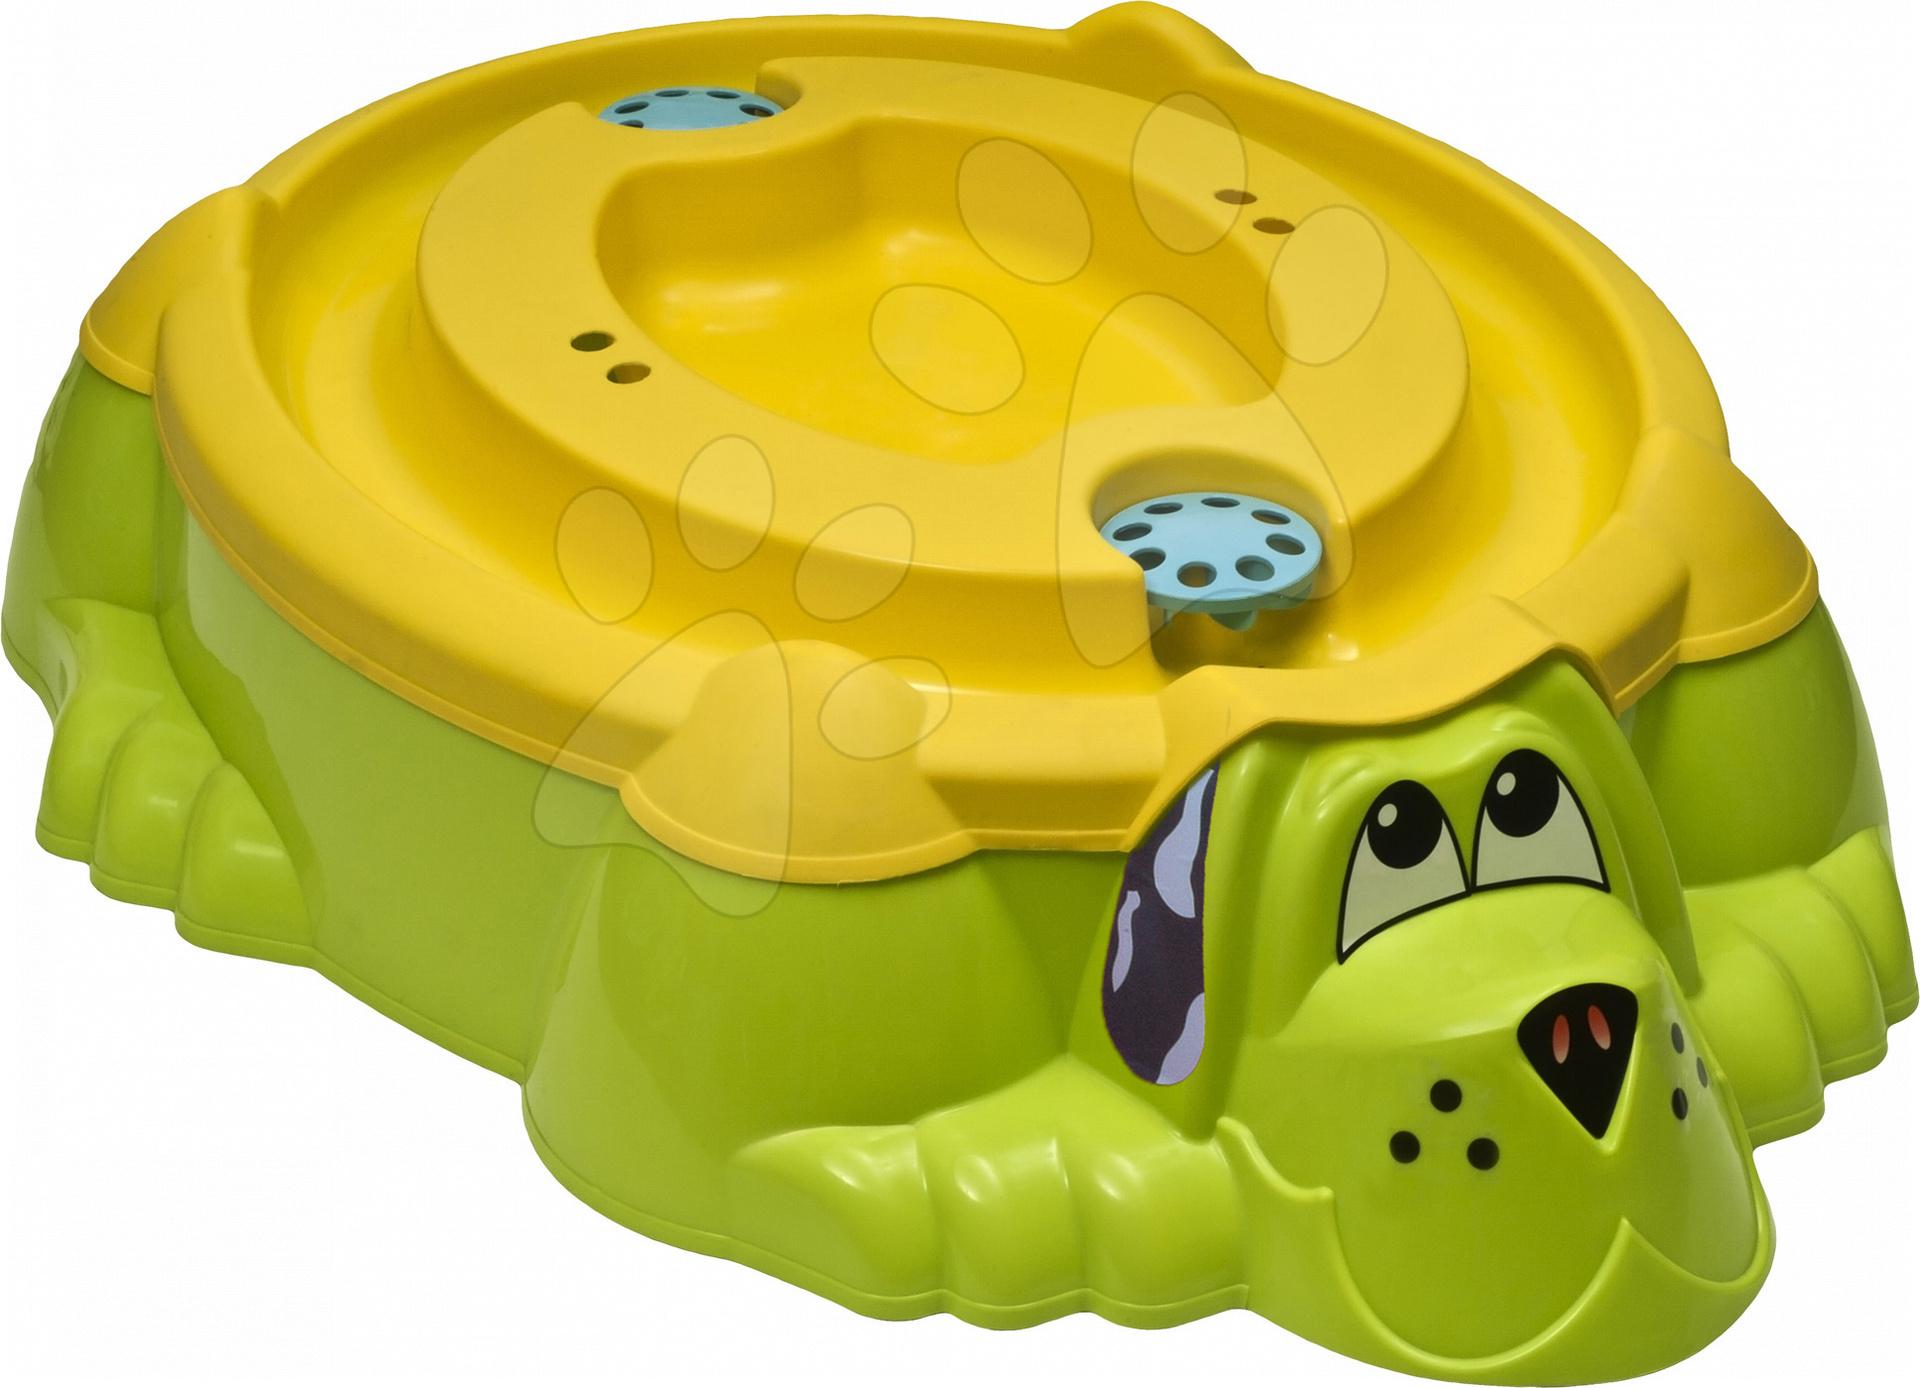 Pieskoviská pre deti - Pieskovisko Pes PalPlay s pevným krytom žlto-zelené od 24 mes